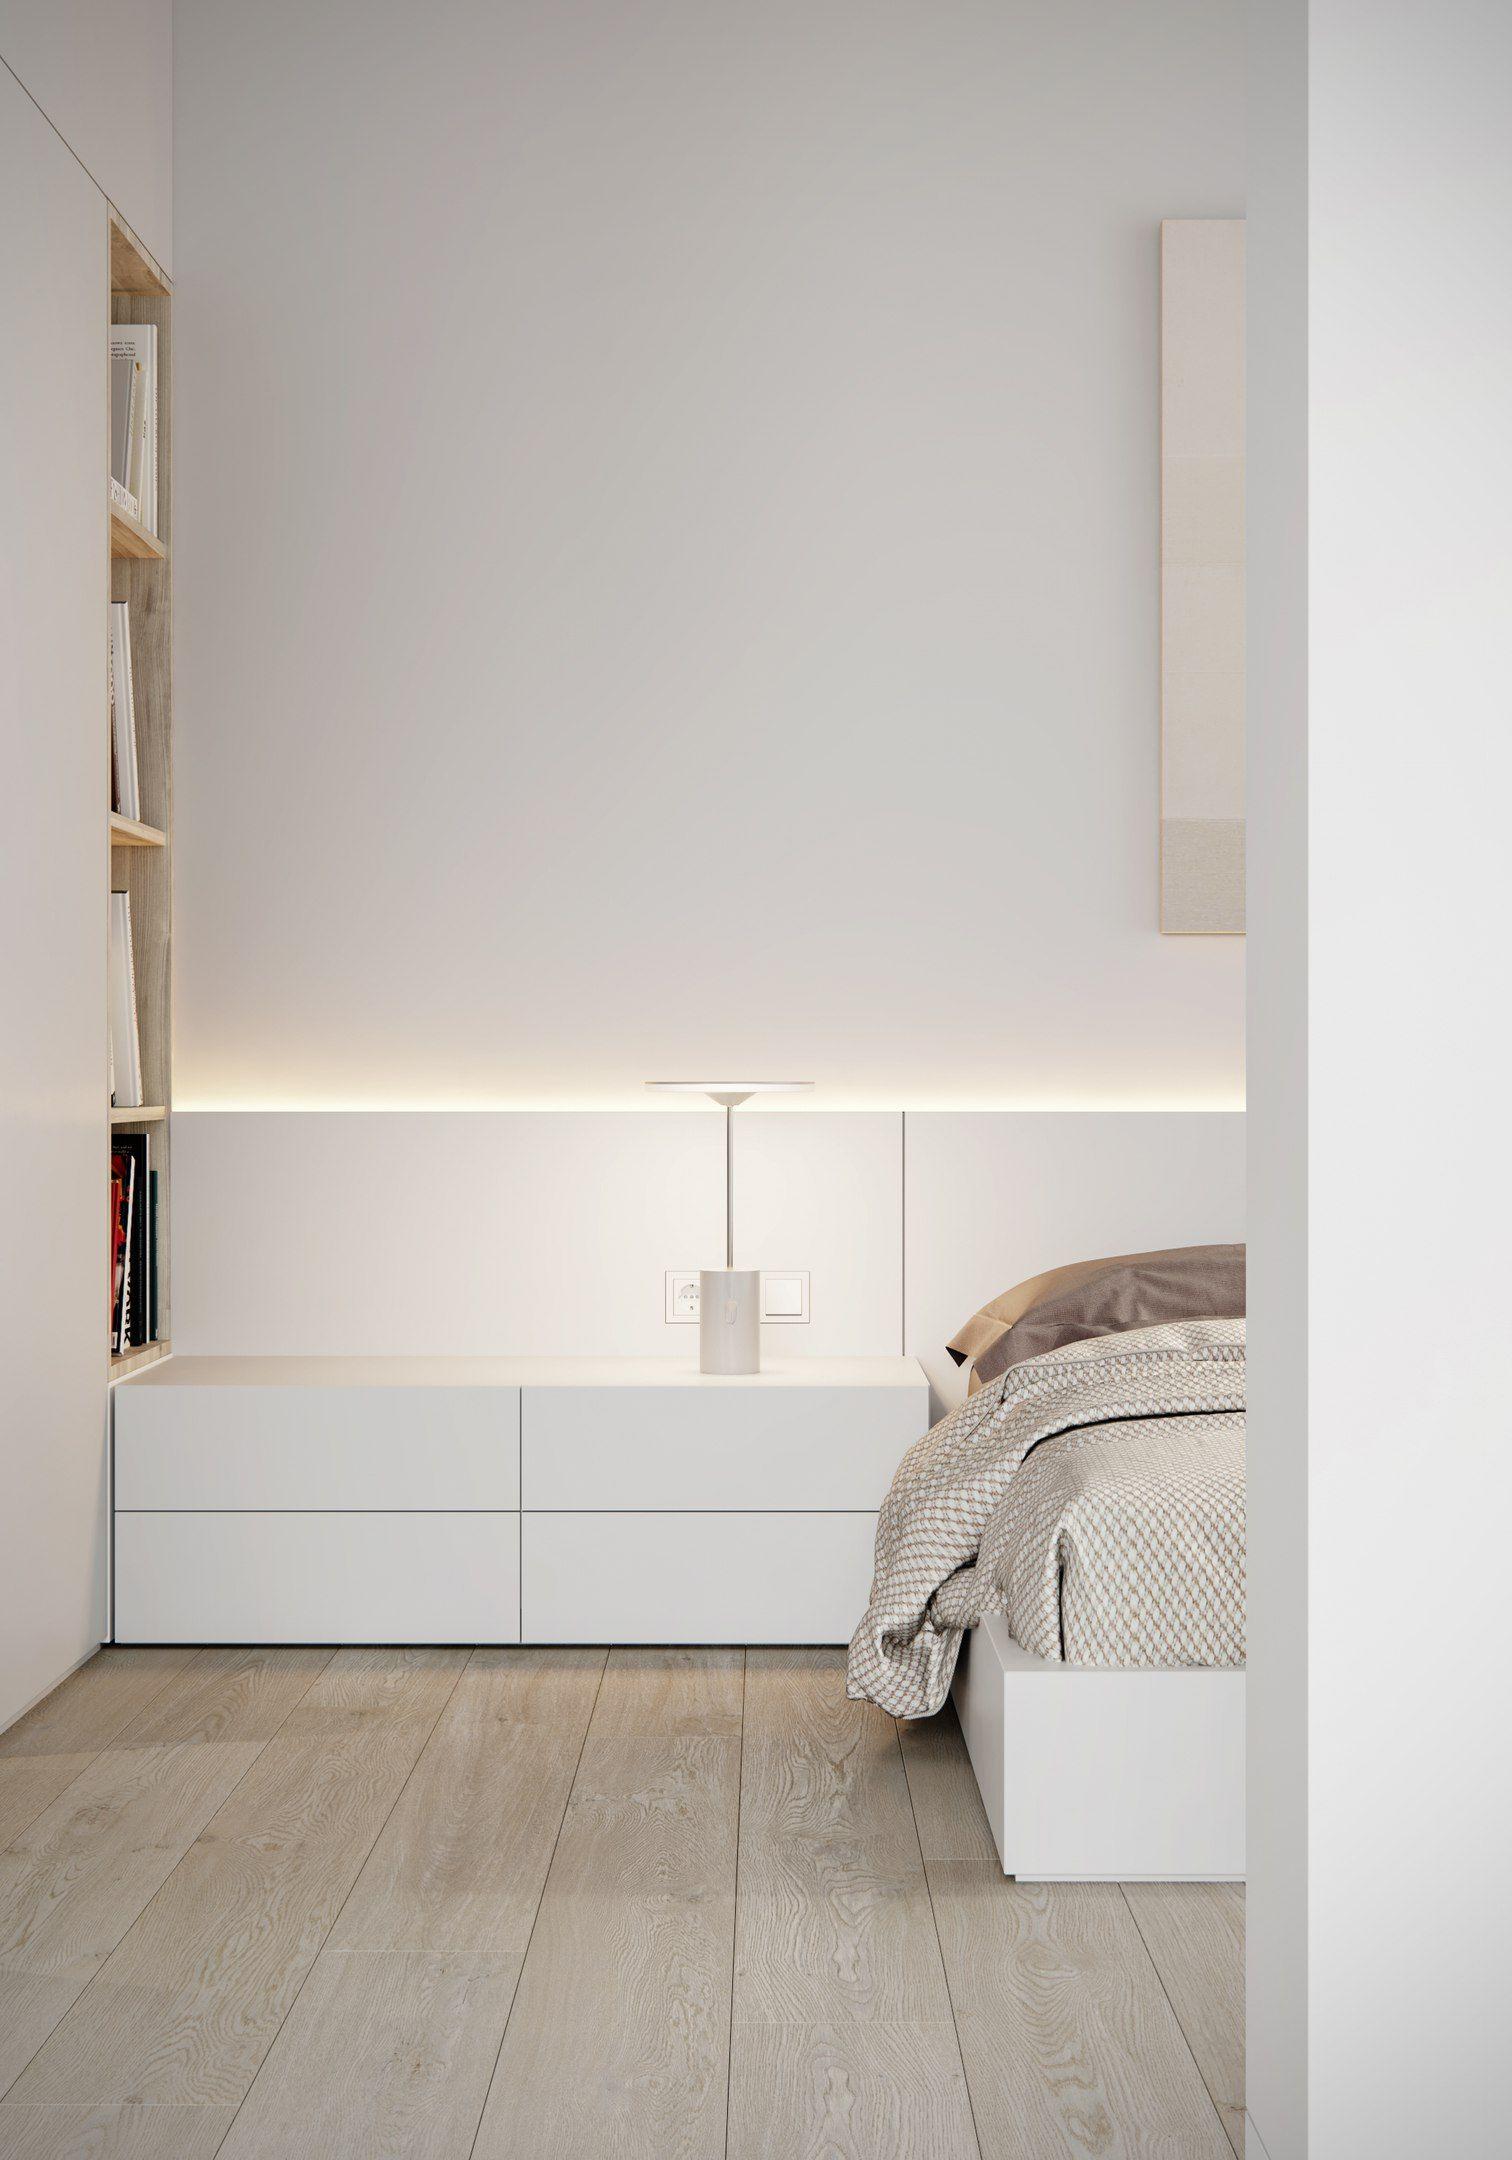 Interior design odessa ukraine apartment near the seashore m3 architectural group white interior design architecture m3 apartment kitchen